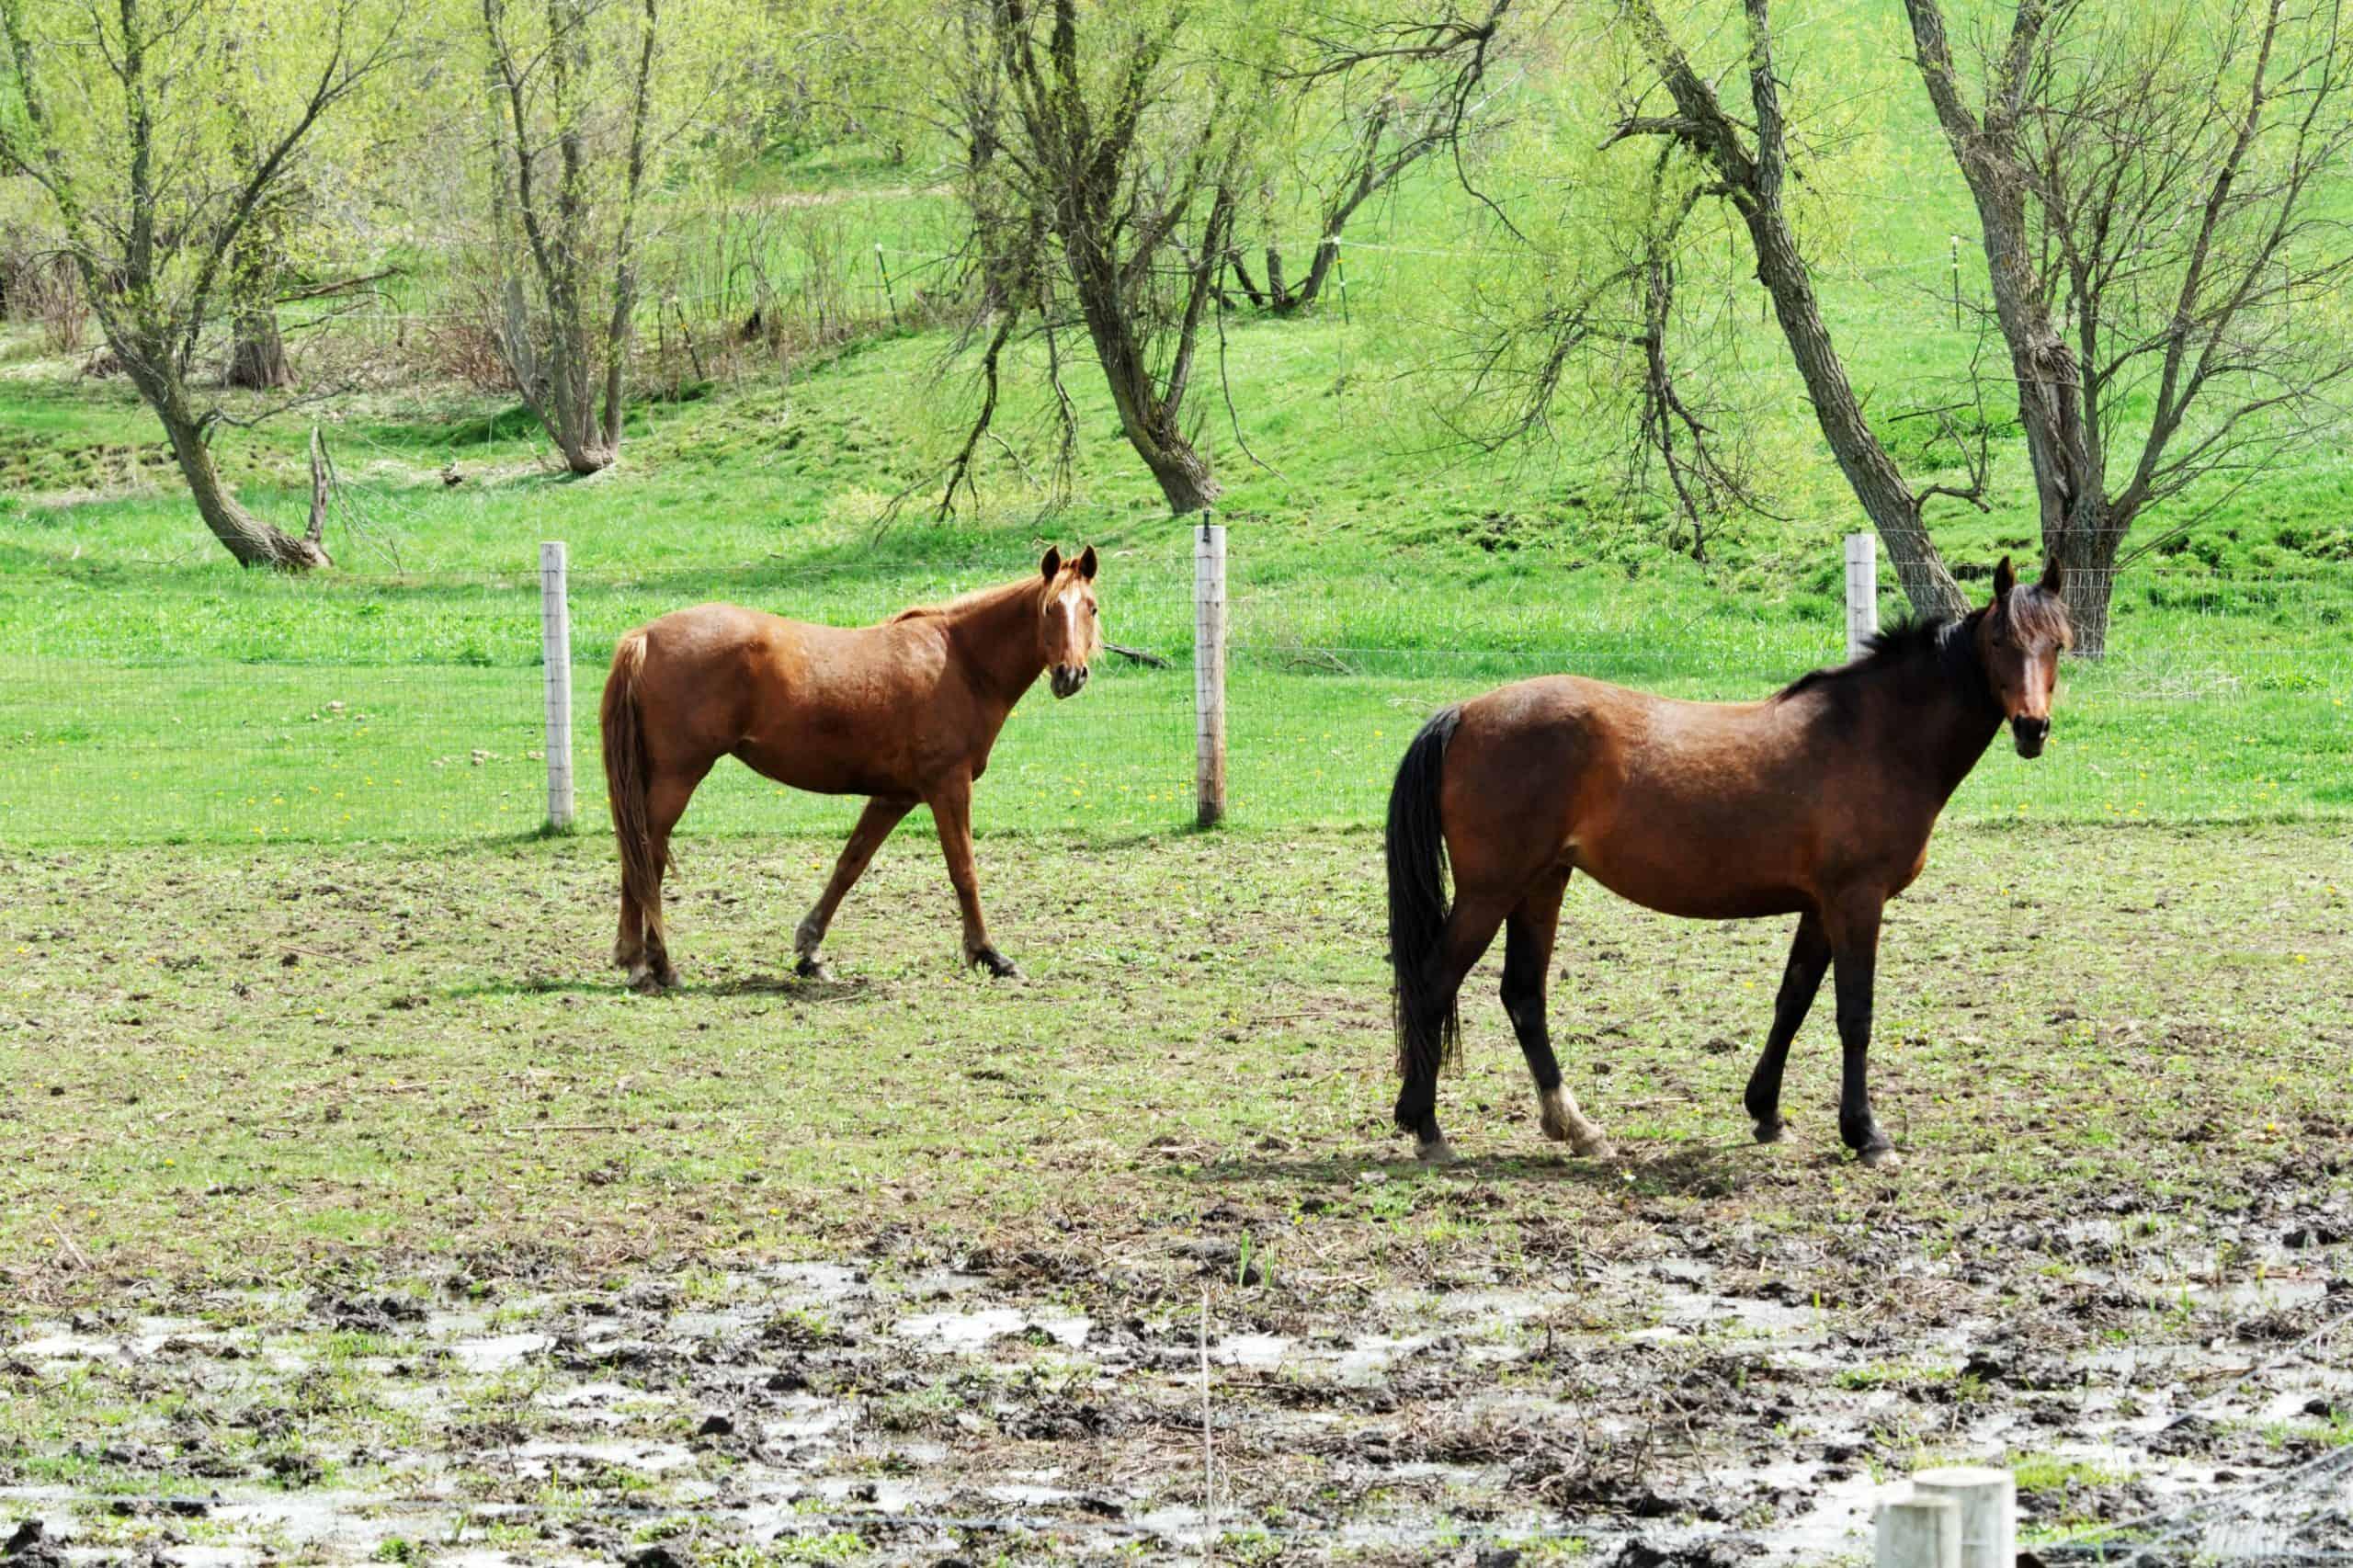 Horses in Muddy Pasture